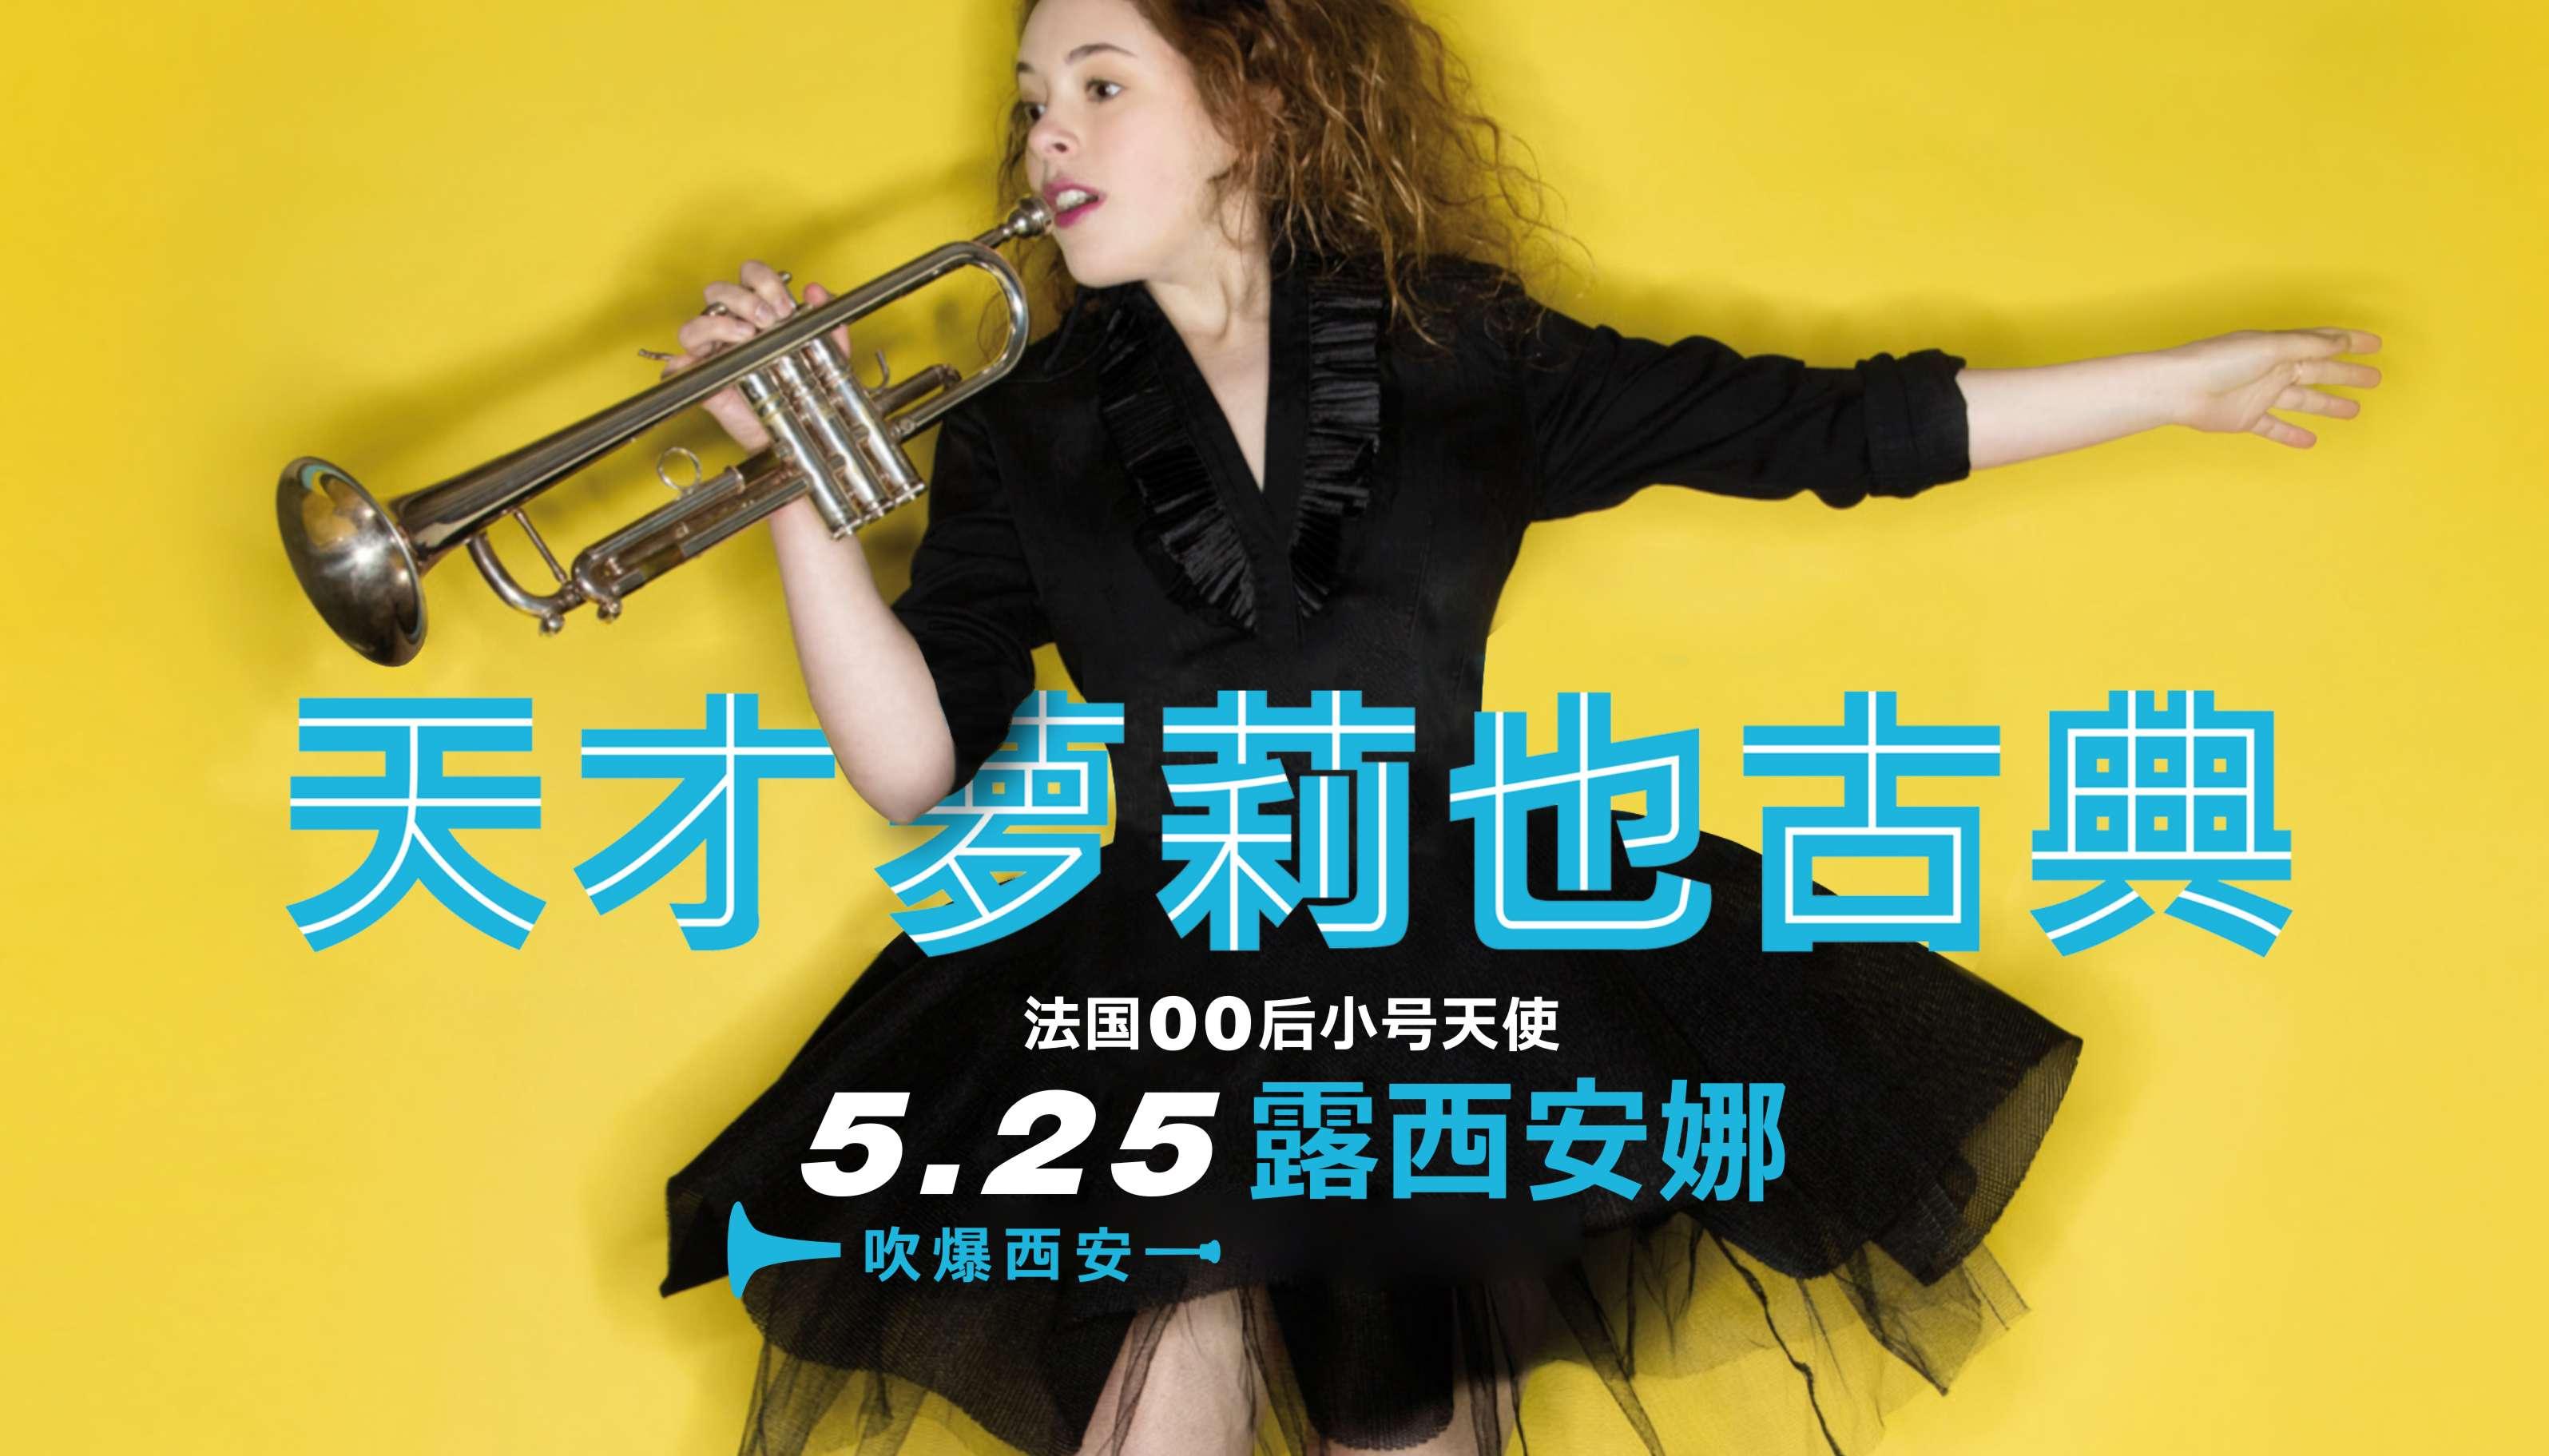 【XSO2019乐季】--阿鲁秋年小号协奏曲与雷斯庇基交响诗